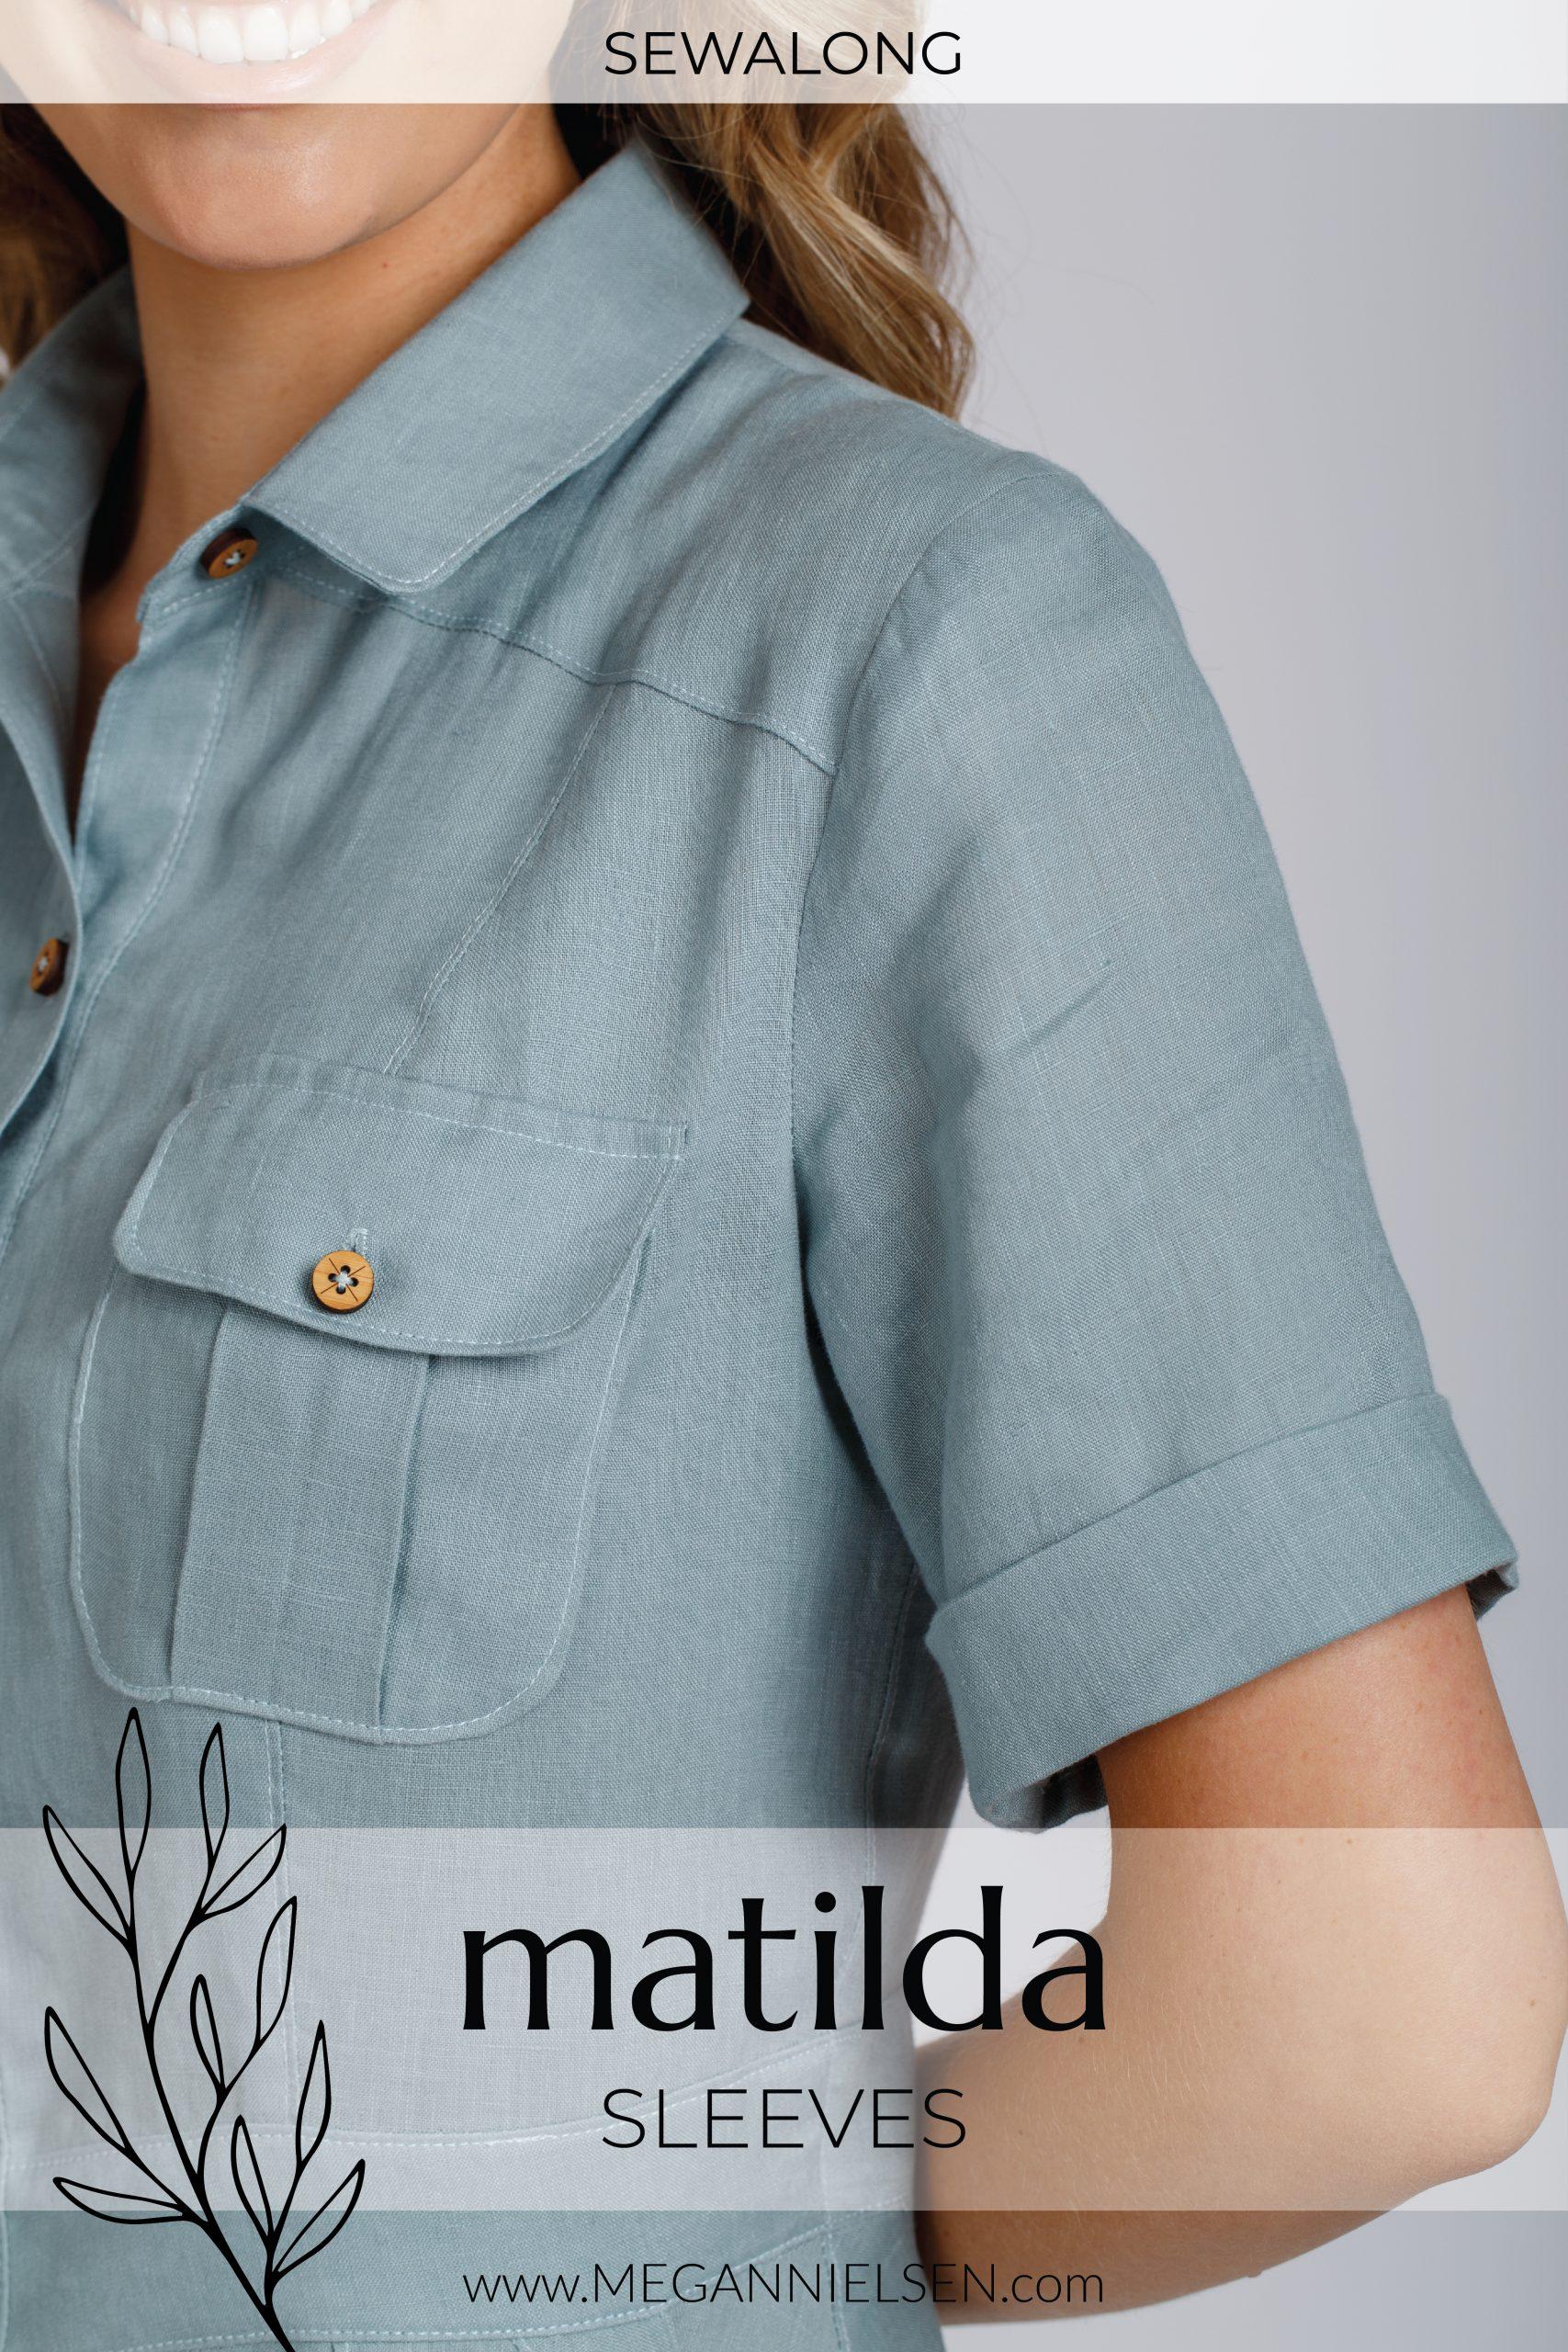 Megan Nielsen Patterns | Matilda Sewalong: Sleeves